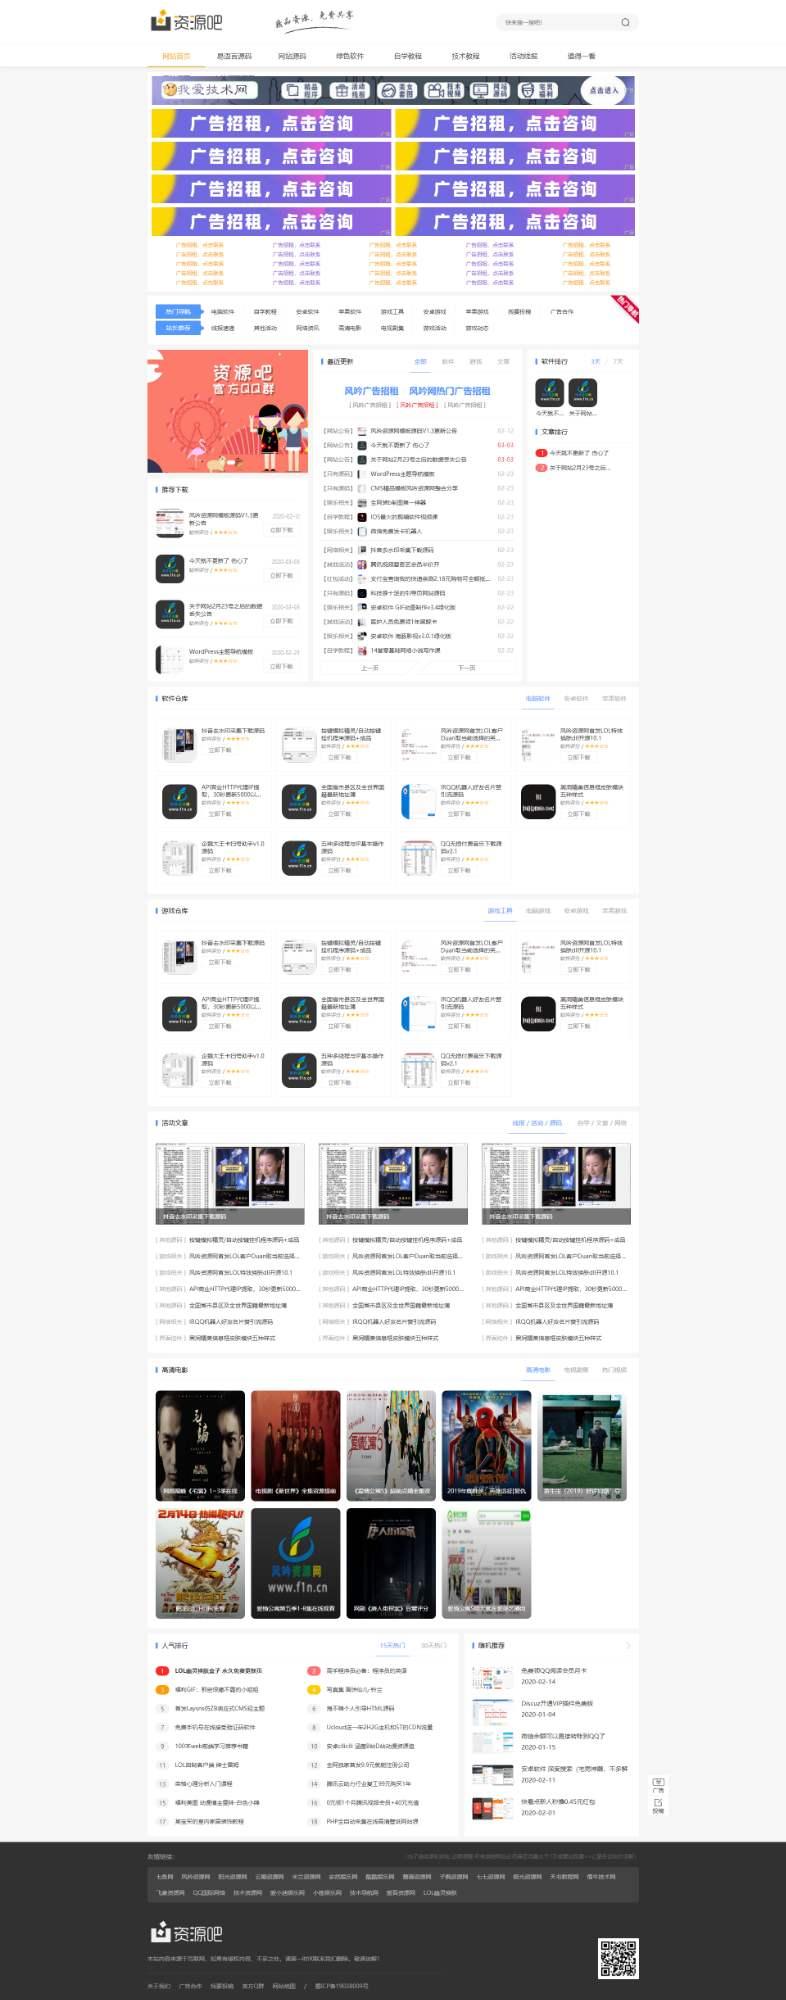 资源吧网站模板下载 织梦CMS精仿资源吧网站模板 第1张